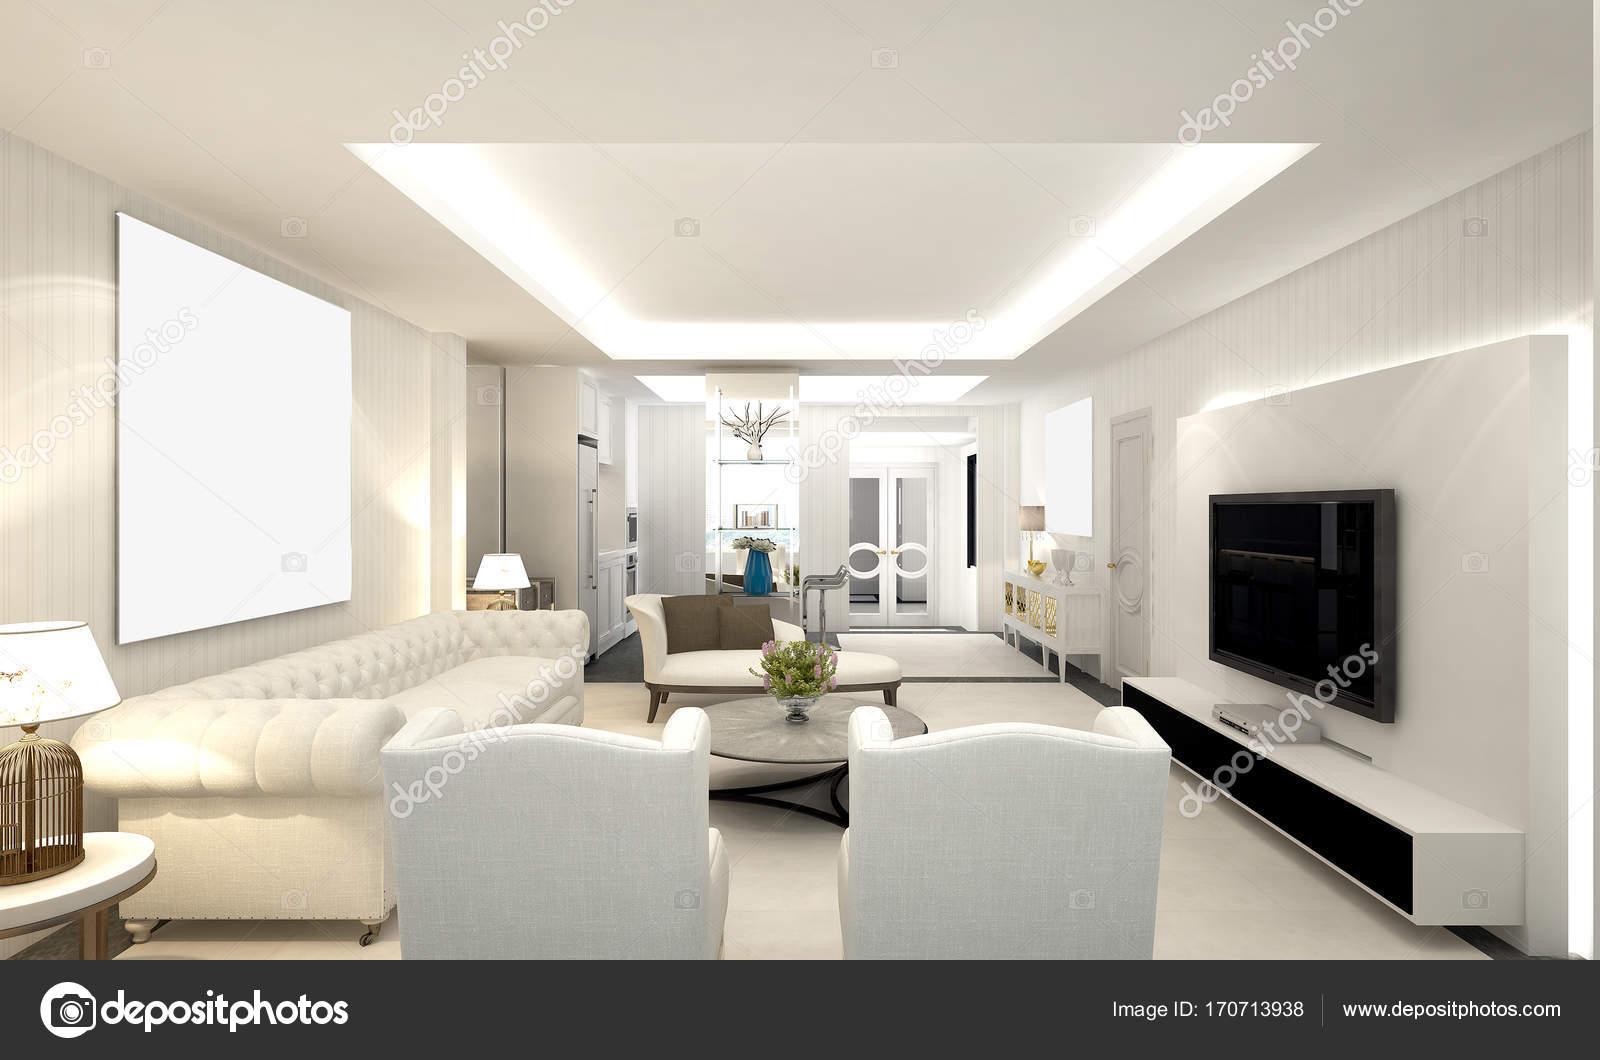 De luxe woonkamer en witte muur patroon design interieur - Residence de luxe interieur design montya ...